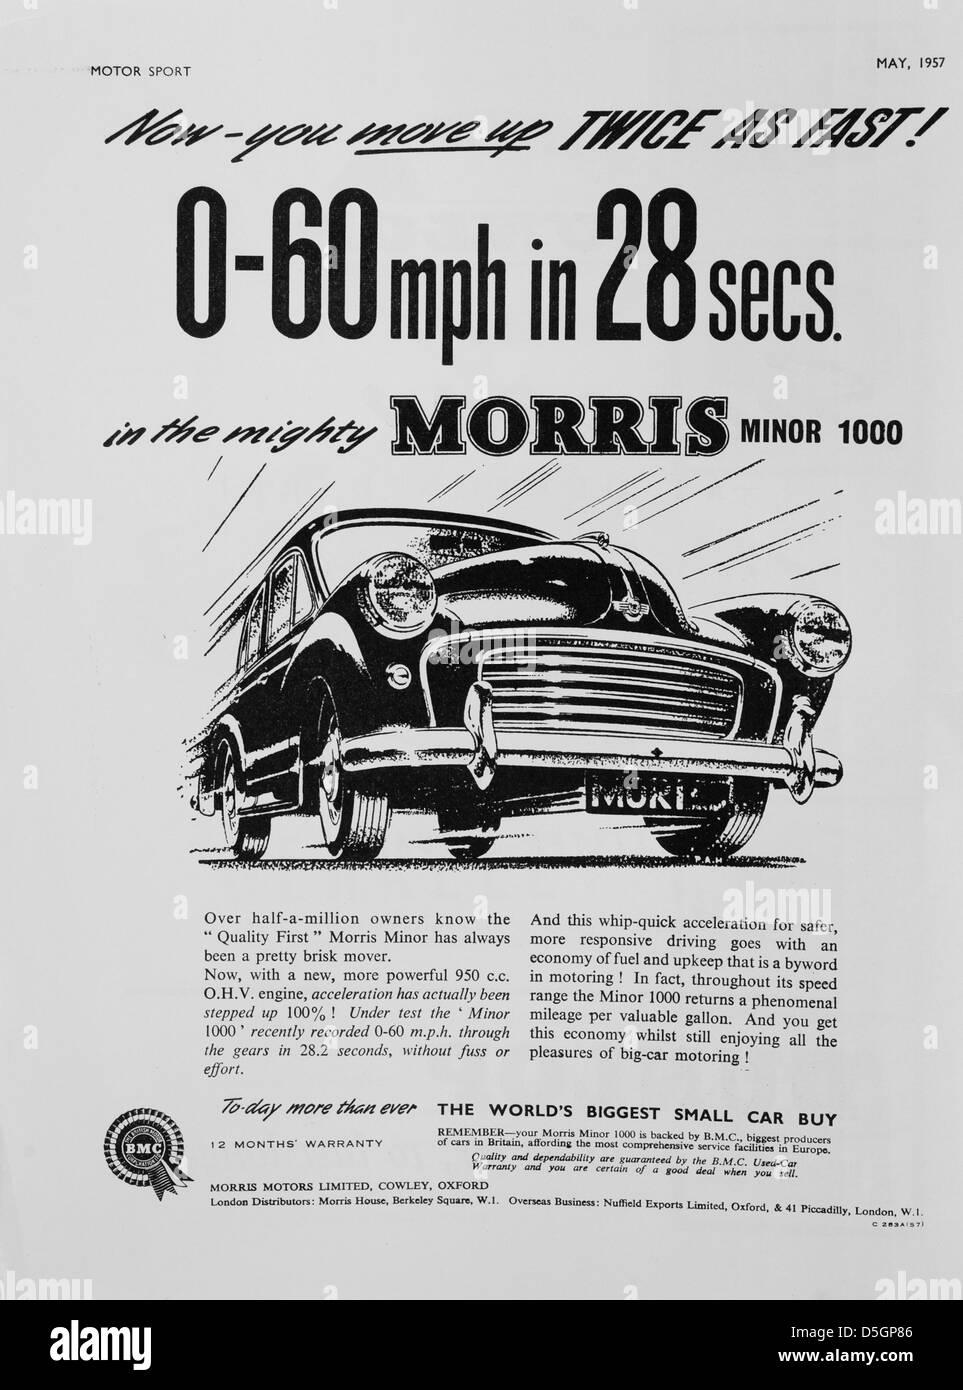 Minore di Morris 1000 advetisement in Motor Sport, Maggio, 1957 Immagini Stock